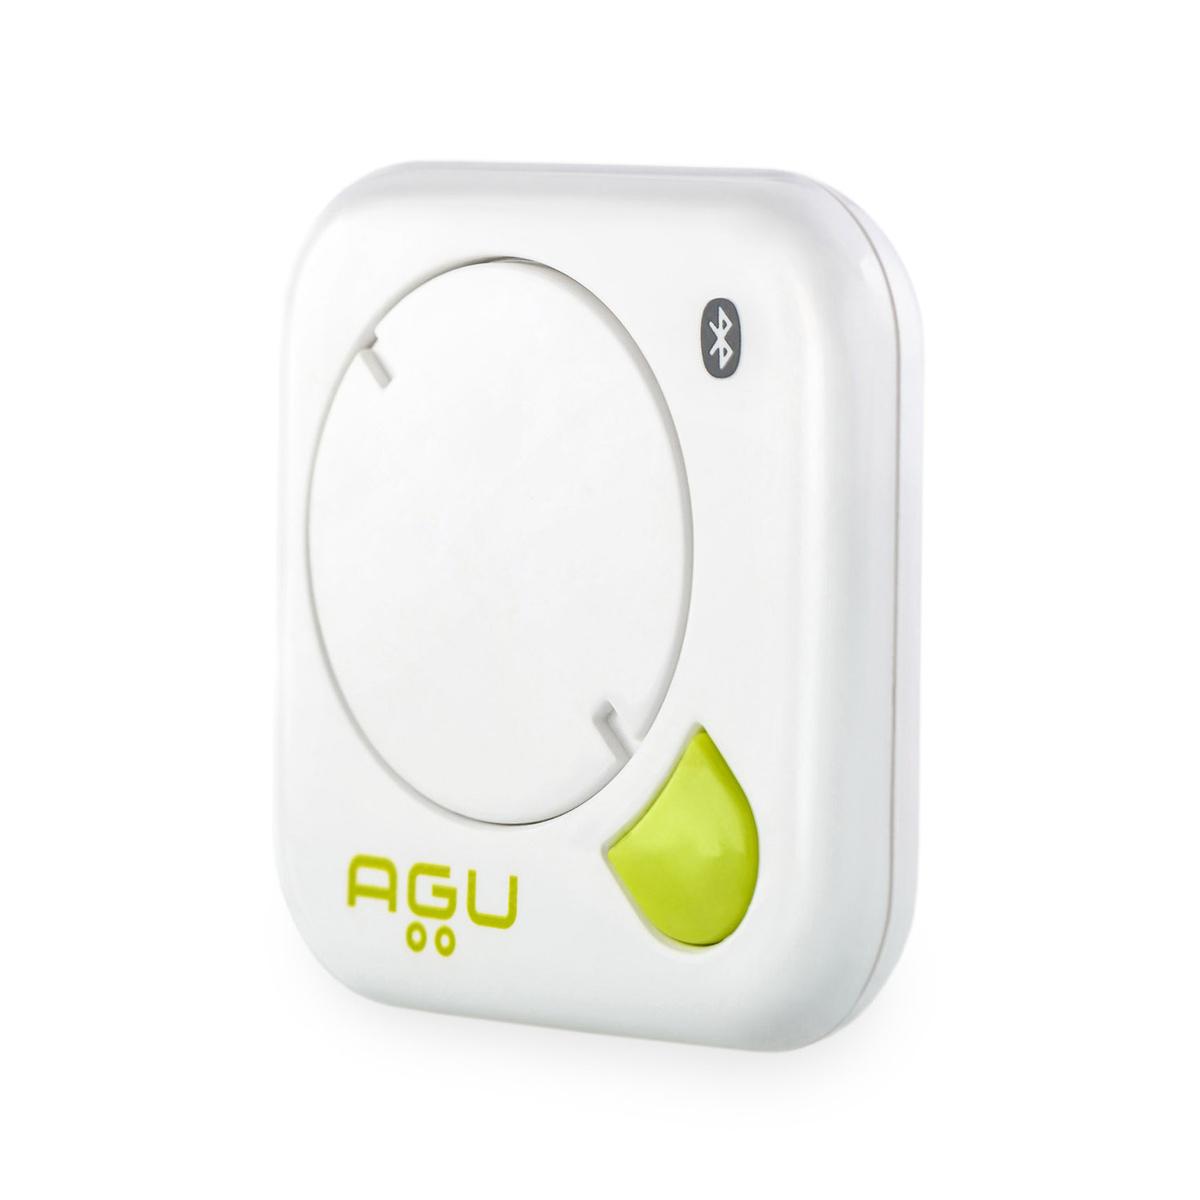 Смарт индикатор температуры для детей AGU Skinny #1